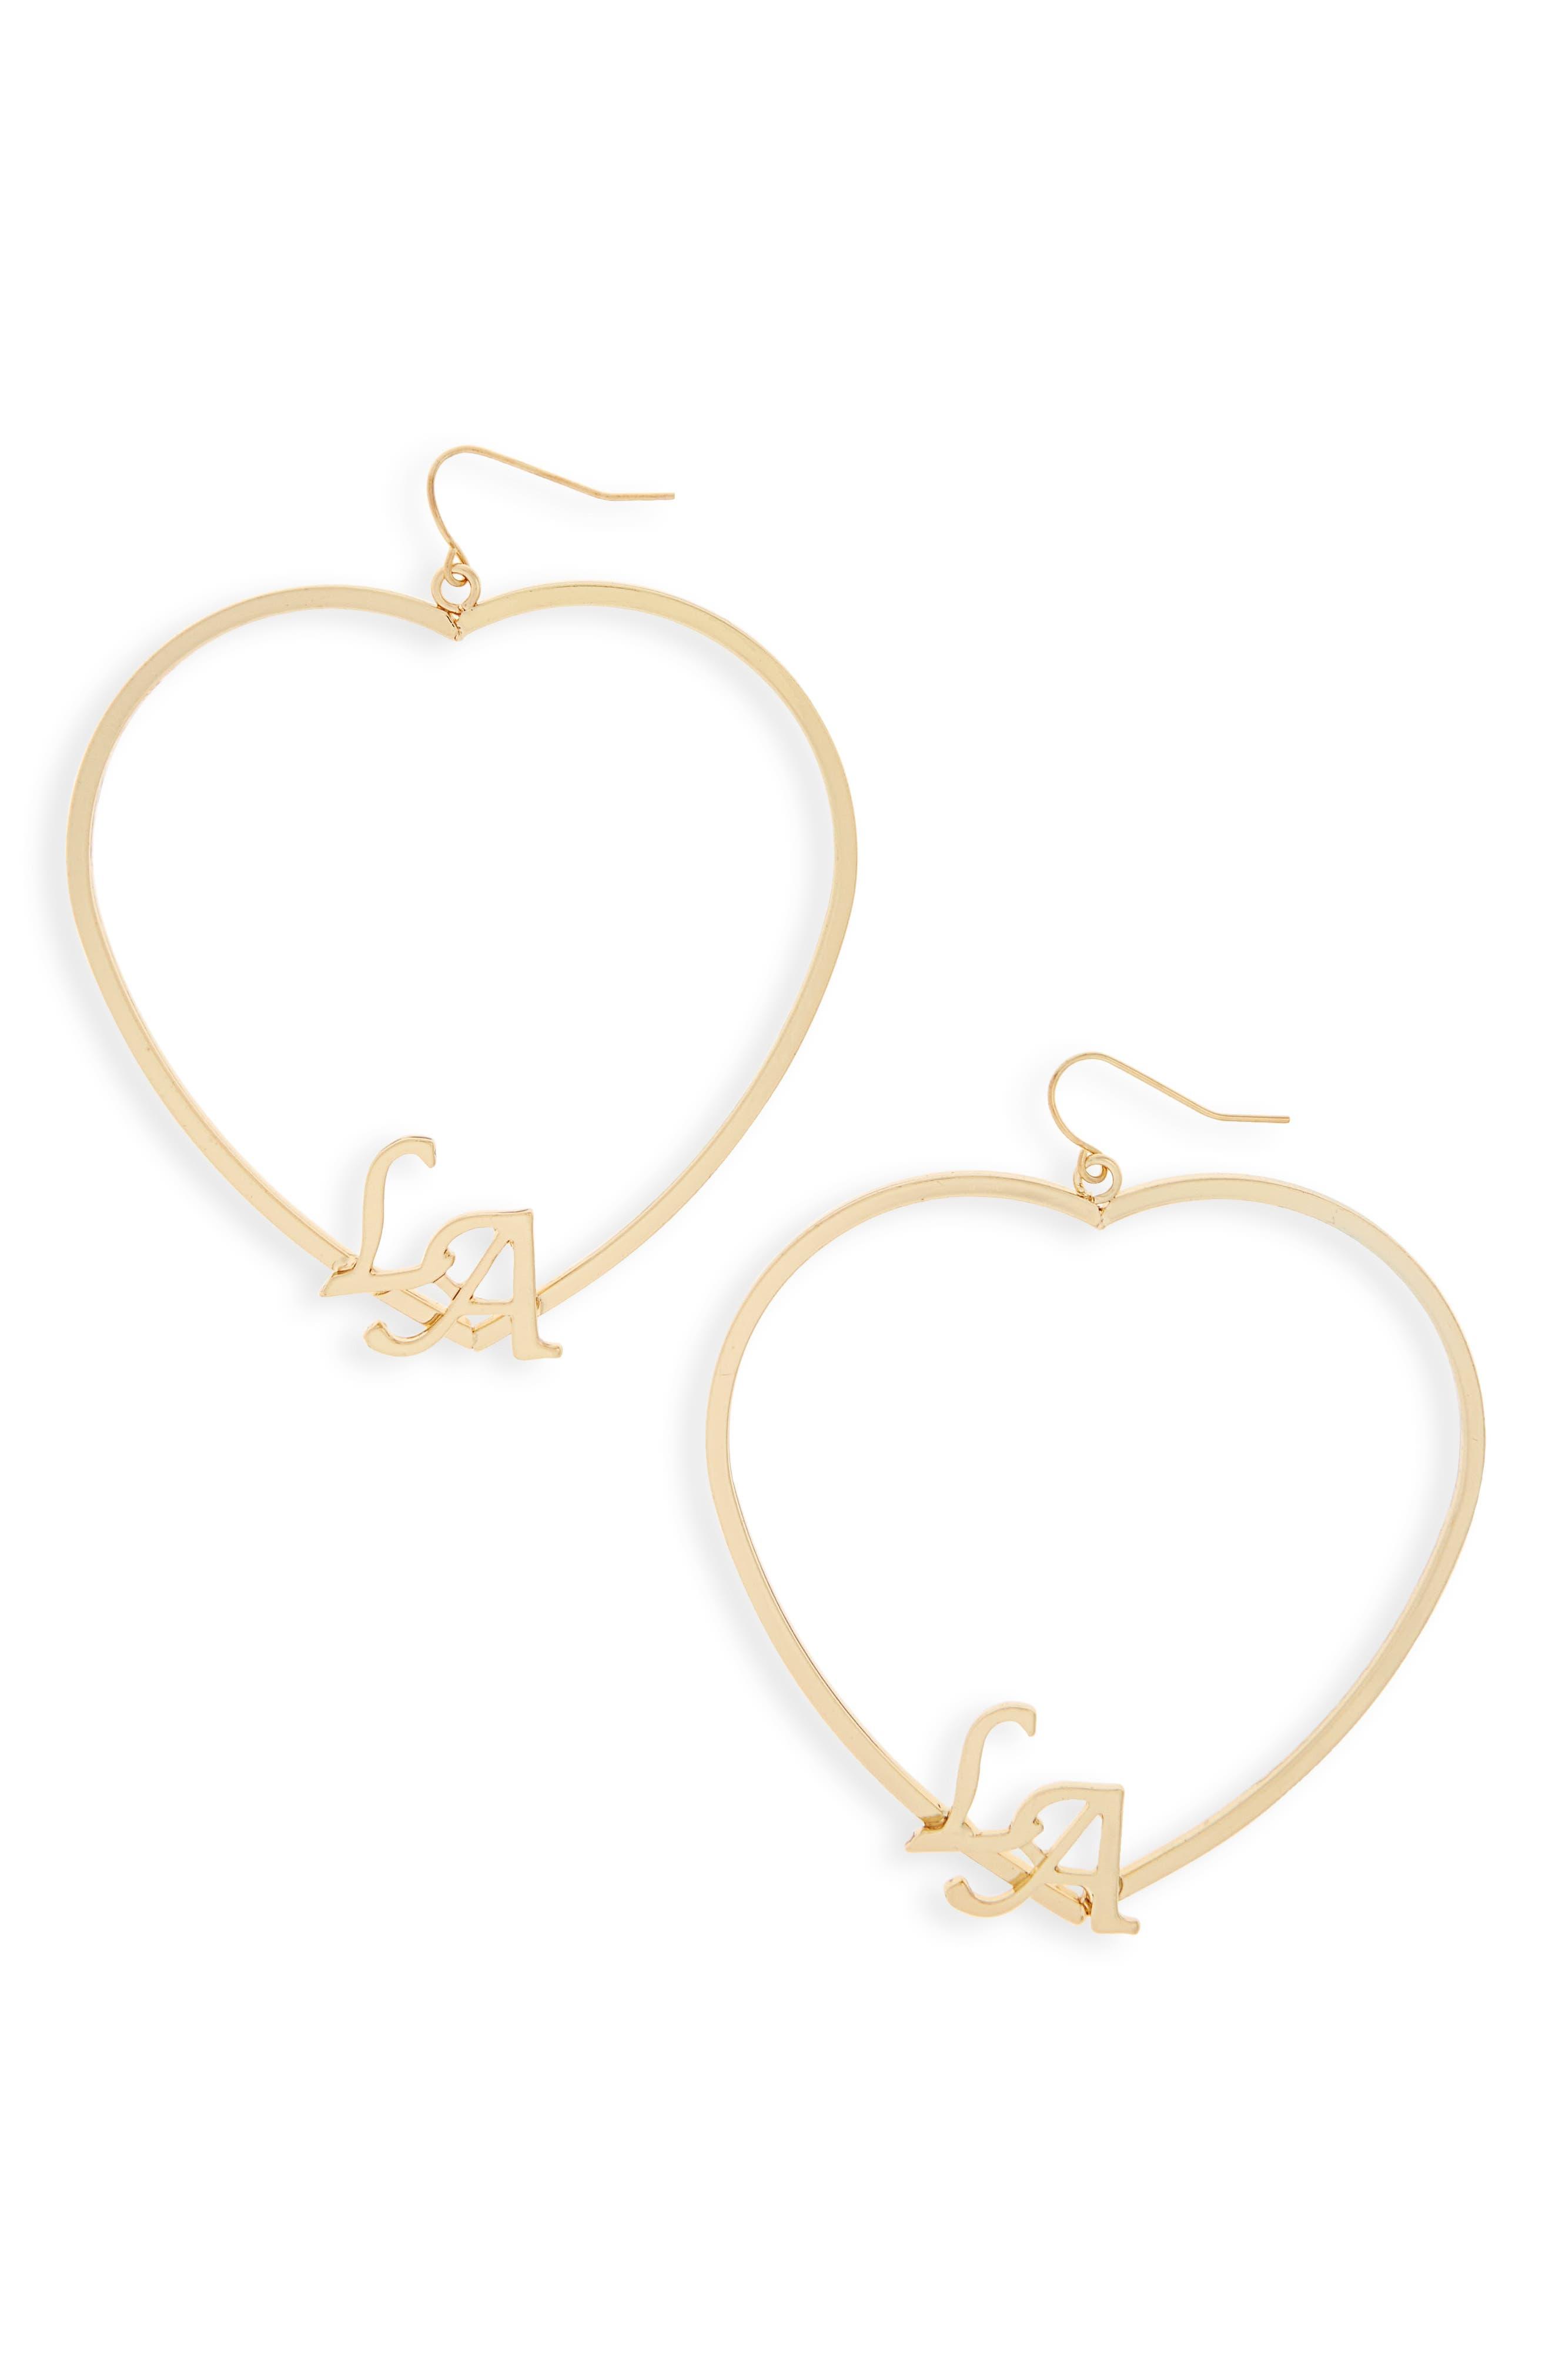 Main Image - BP. LA Heart Earrings